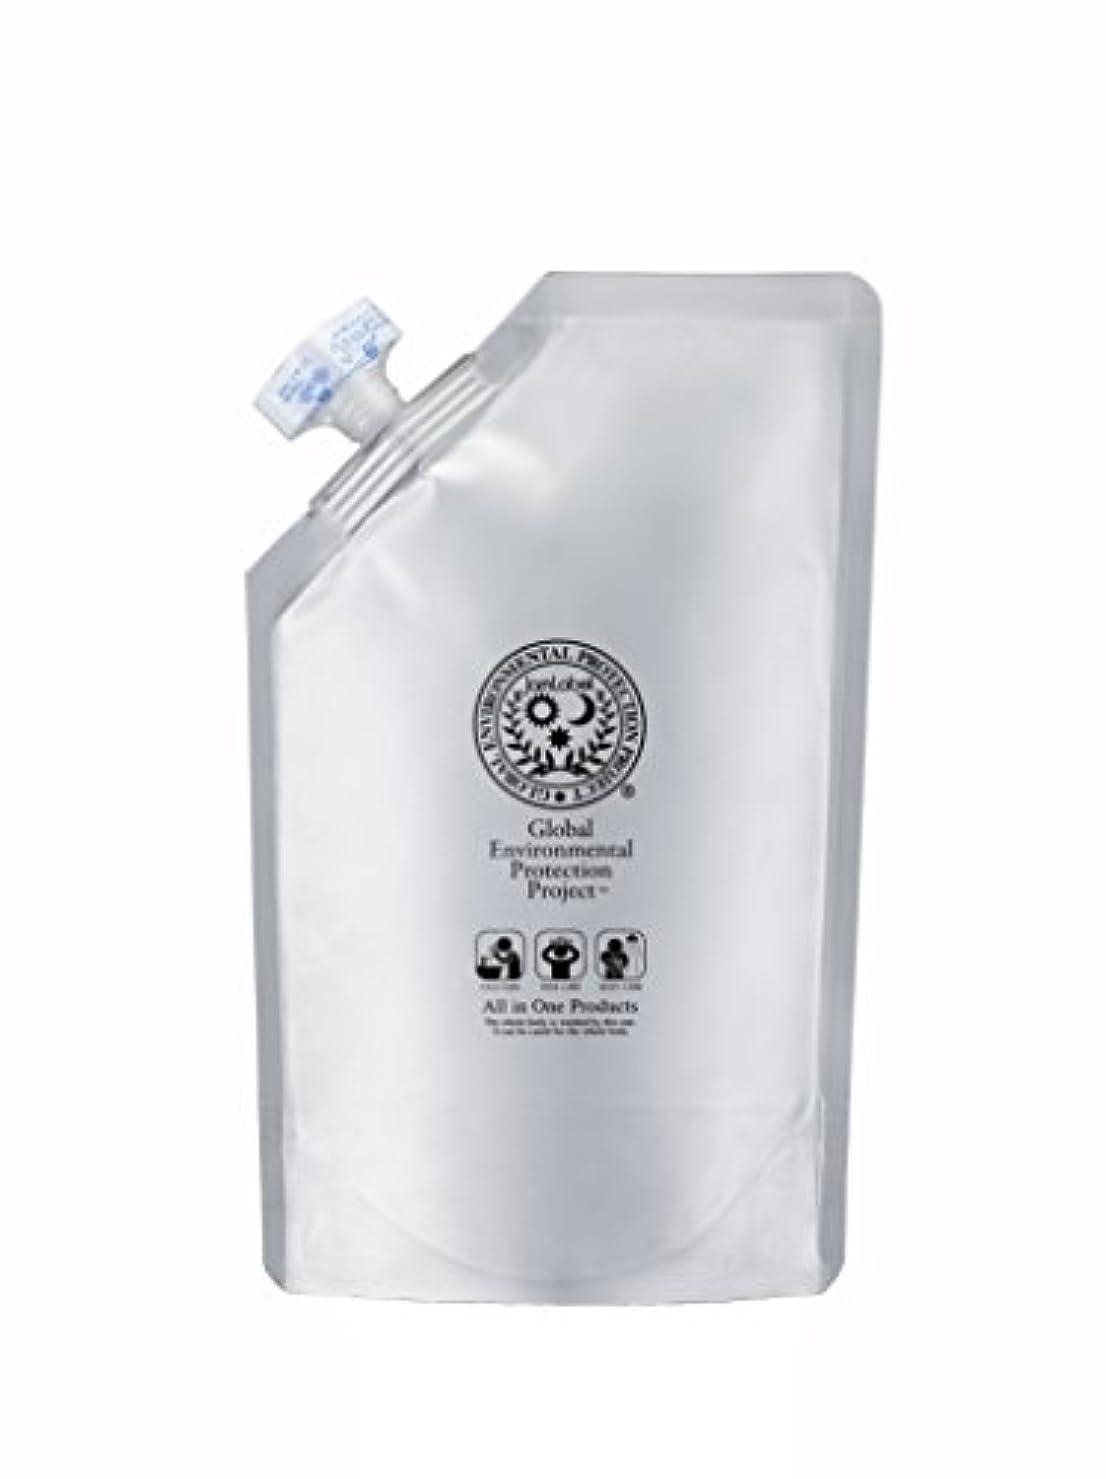 六分儀はっきりしない湿気の多いJamlabel 無添加全身用シャンプー ジャムレーベルシャンプー500ml詰替用